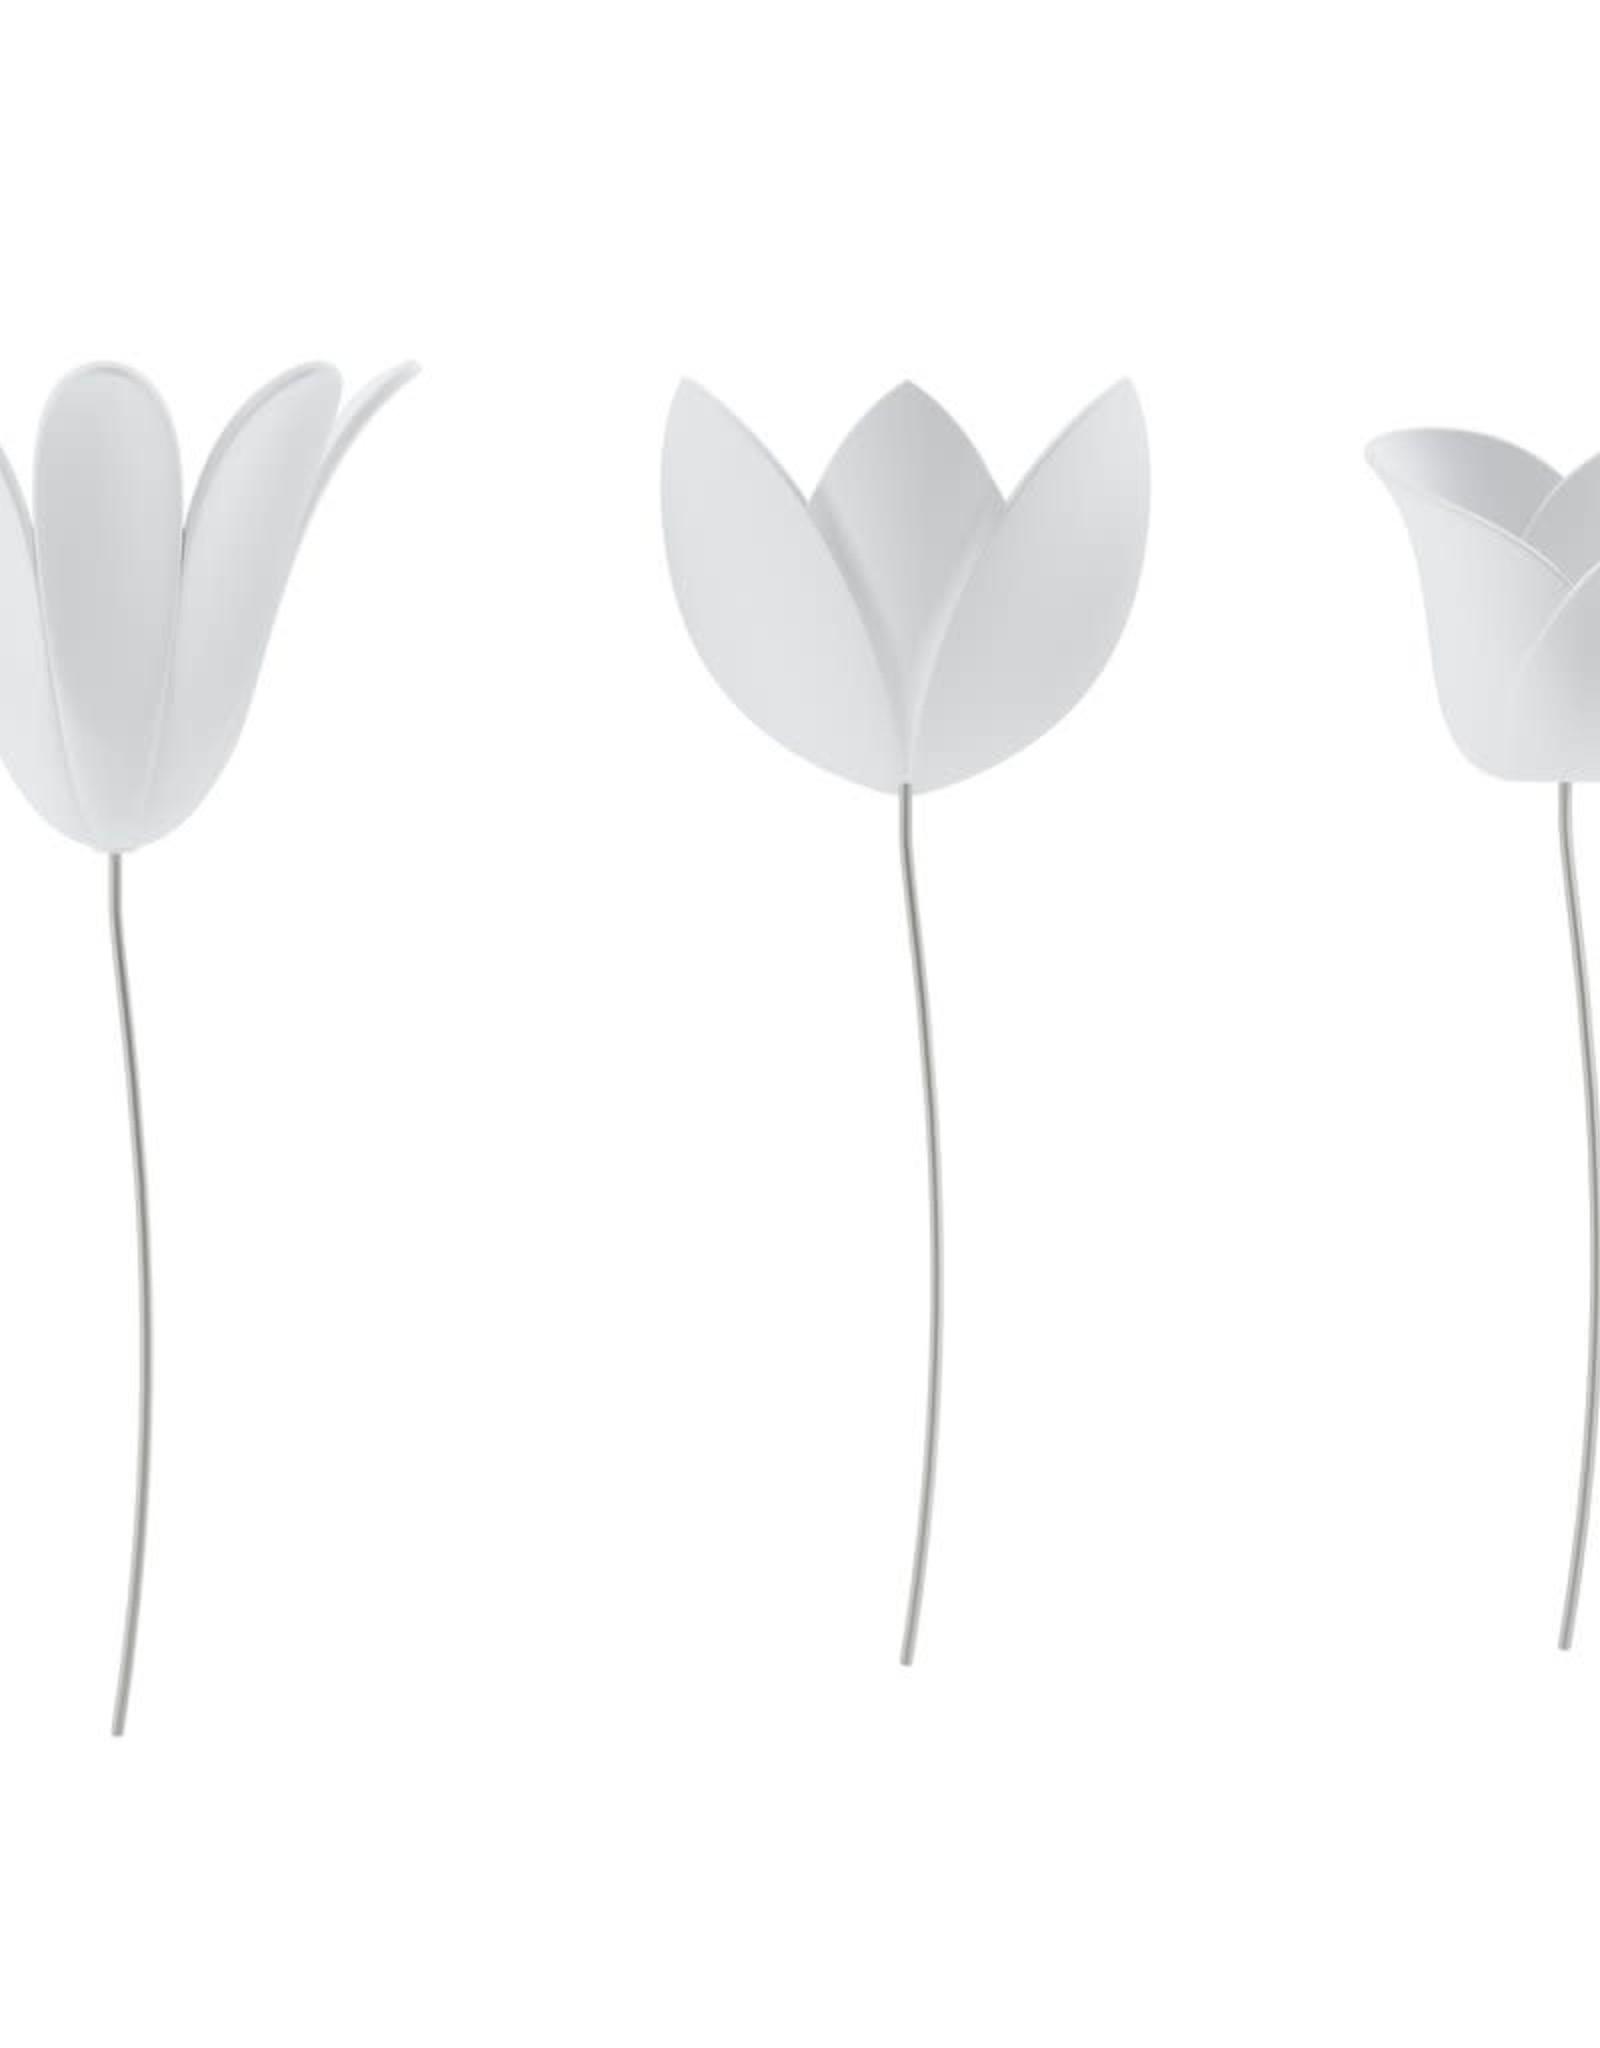 Umbra Umbra - Bloomer wd white